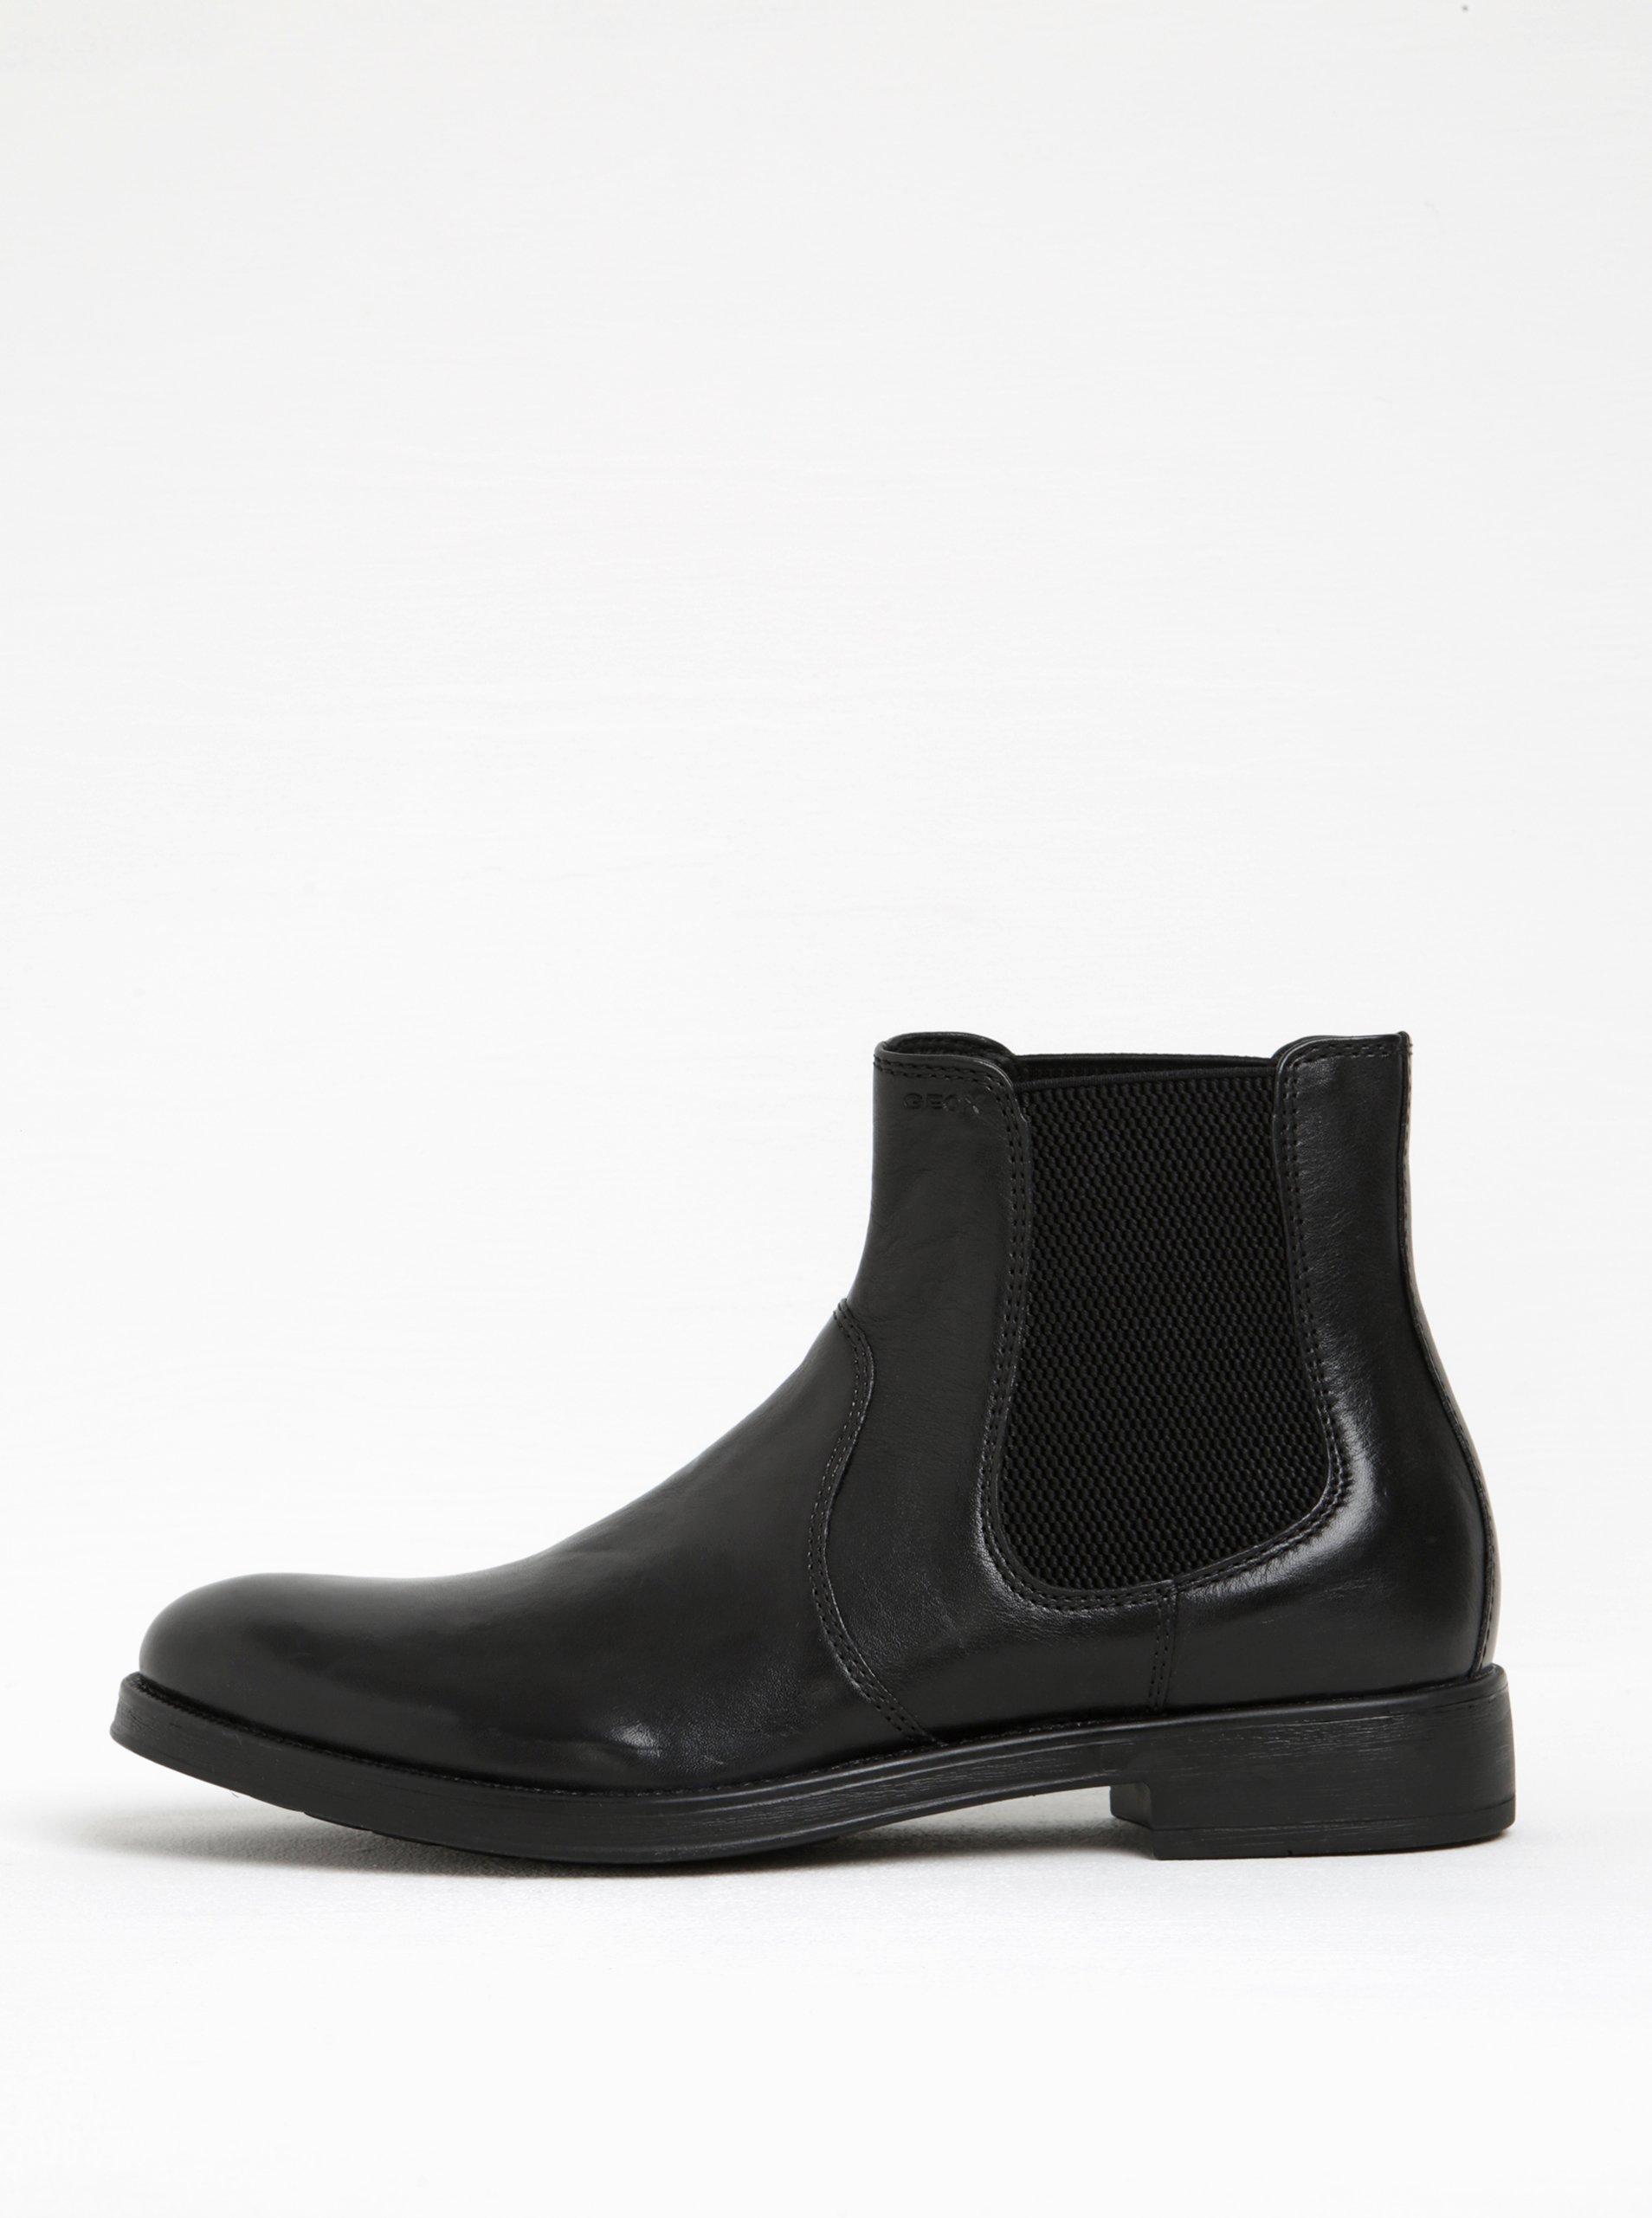 Čierne pánske kožené chelsea topánky Geox Blaxe B 043d190191